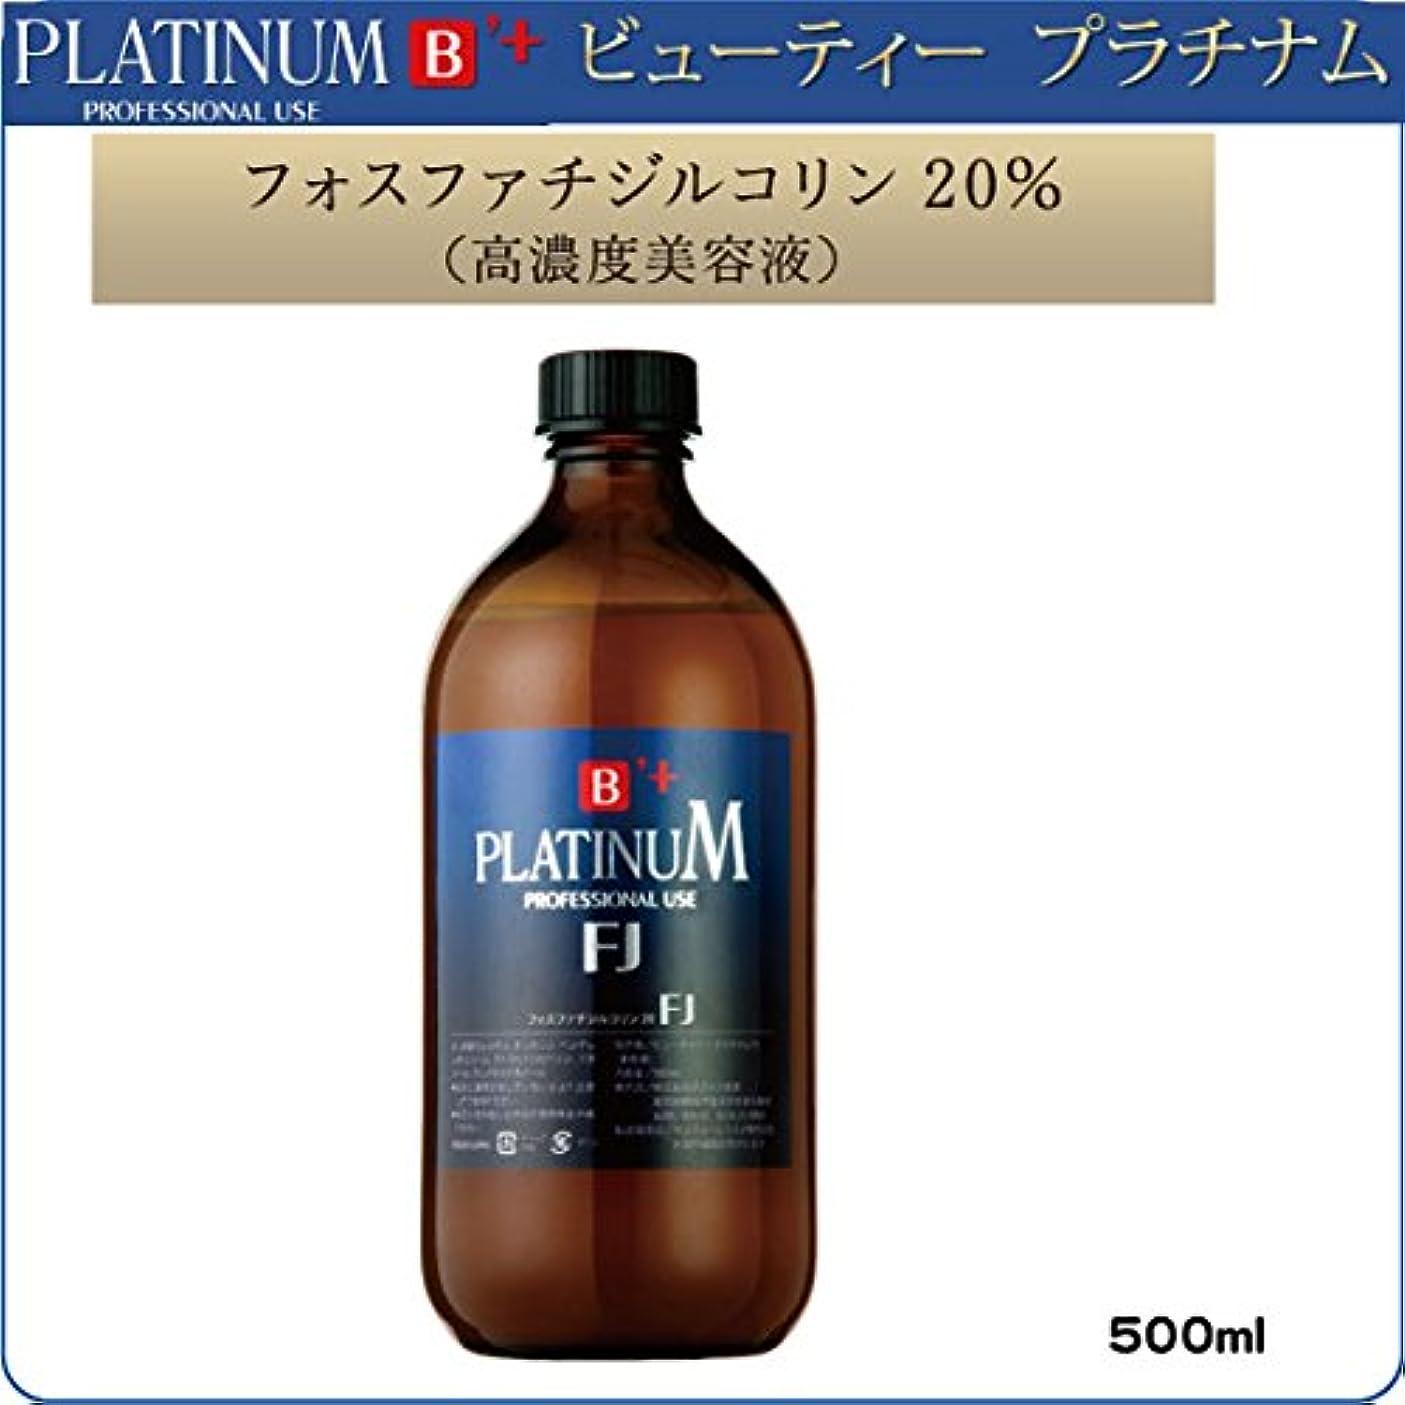 マイナス魂不適【ビューティー プラチナム】 PLATINUM B'+  フォスファチジルコリン20%高濃度美容液  痩身専用:500ml